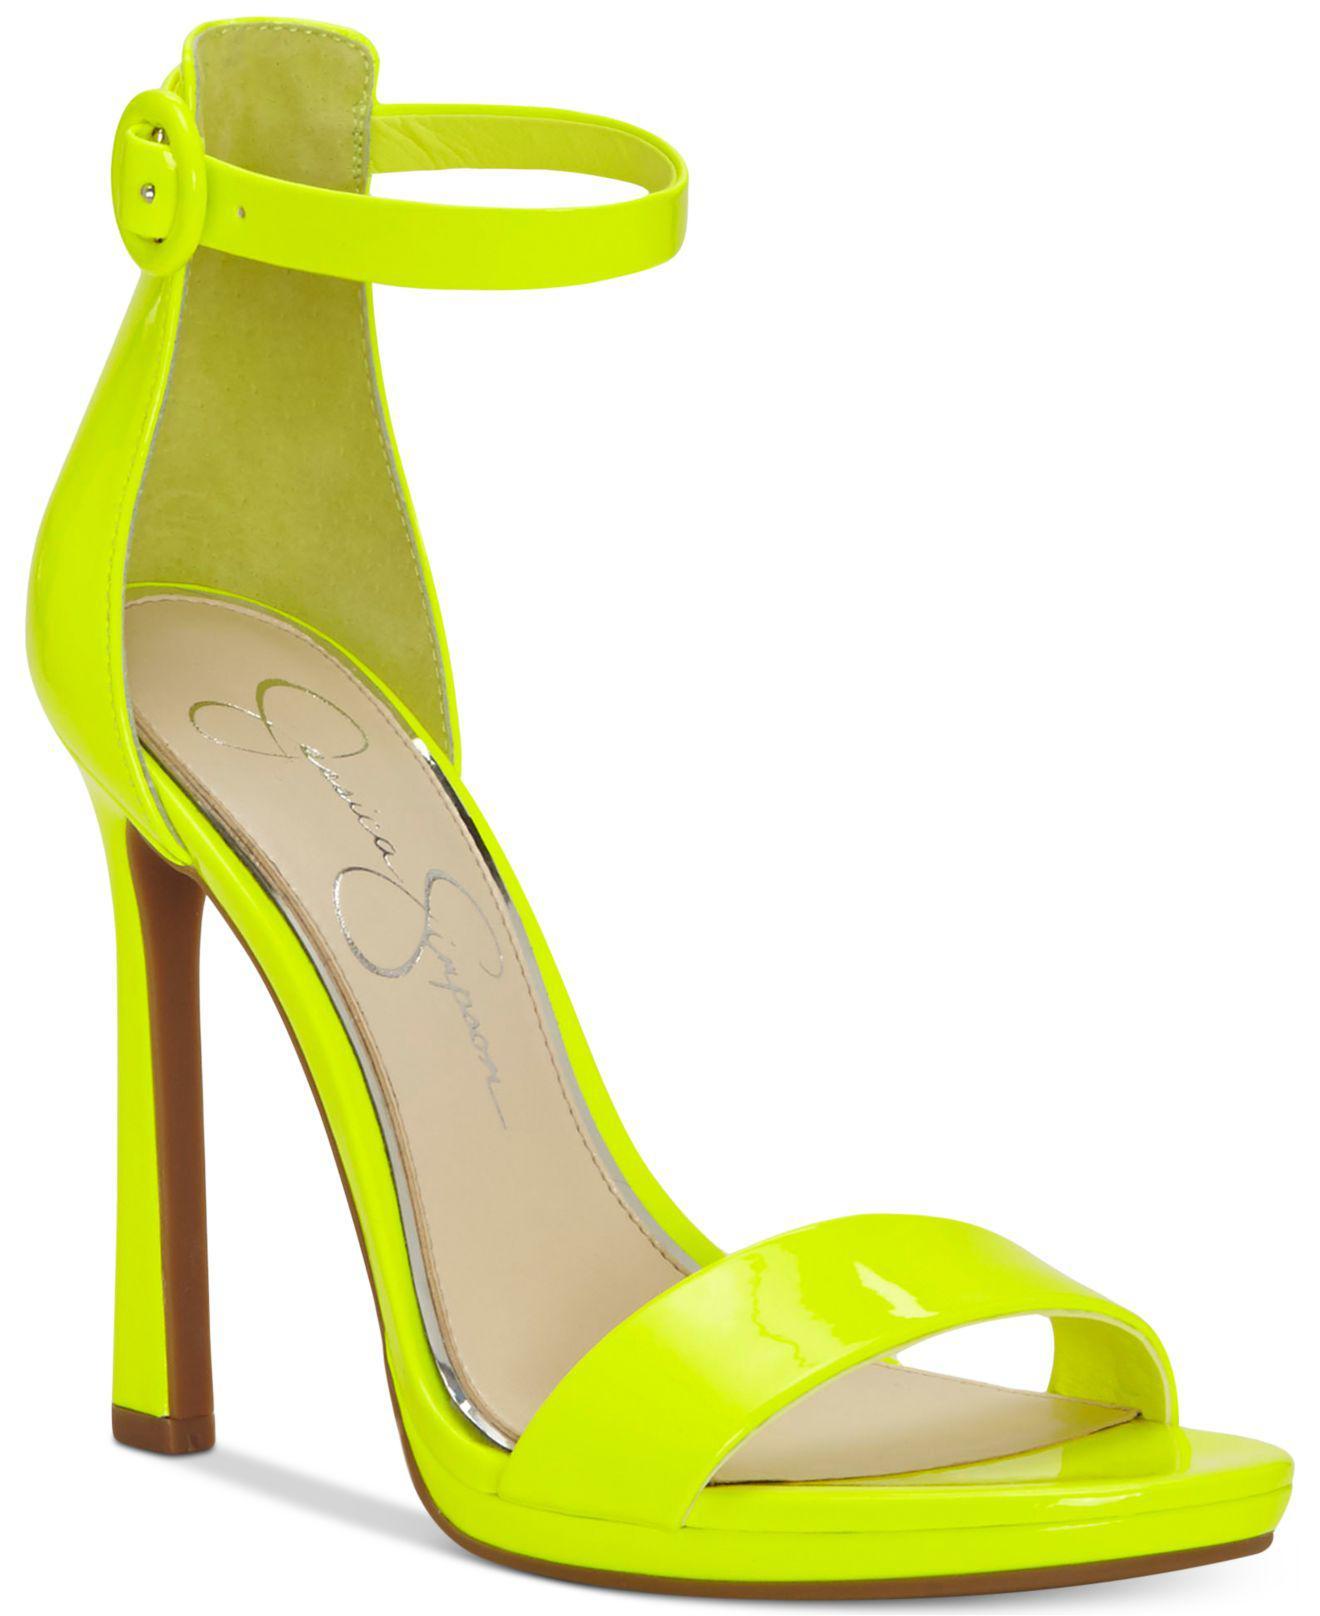 Plemy Ankle Strap Dress Sandals c5oGP5fS